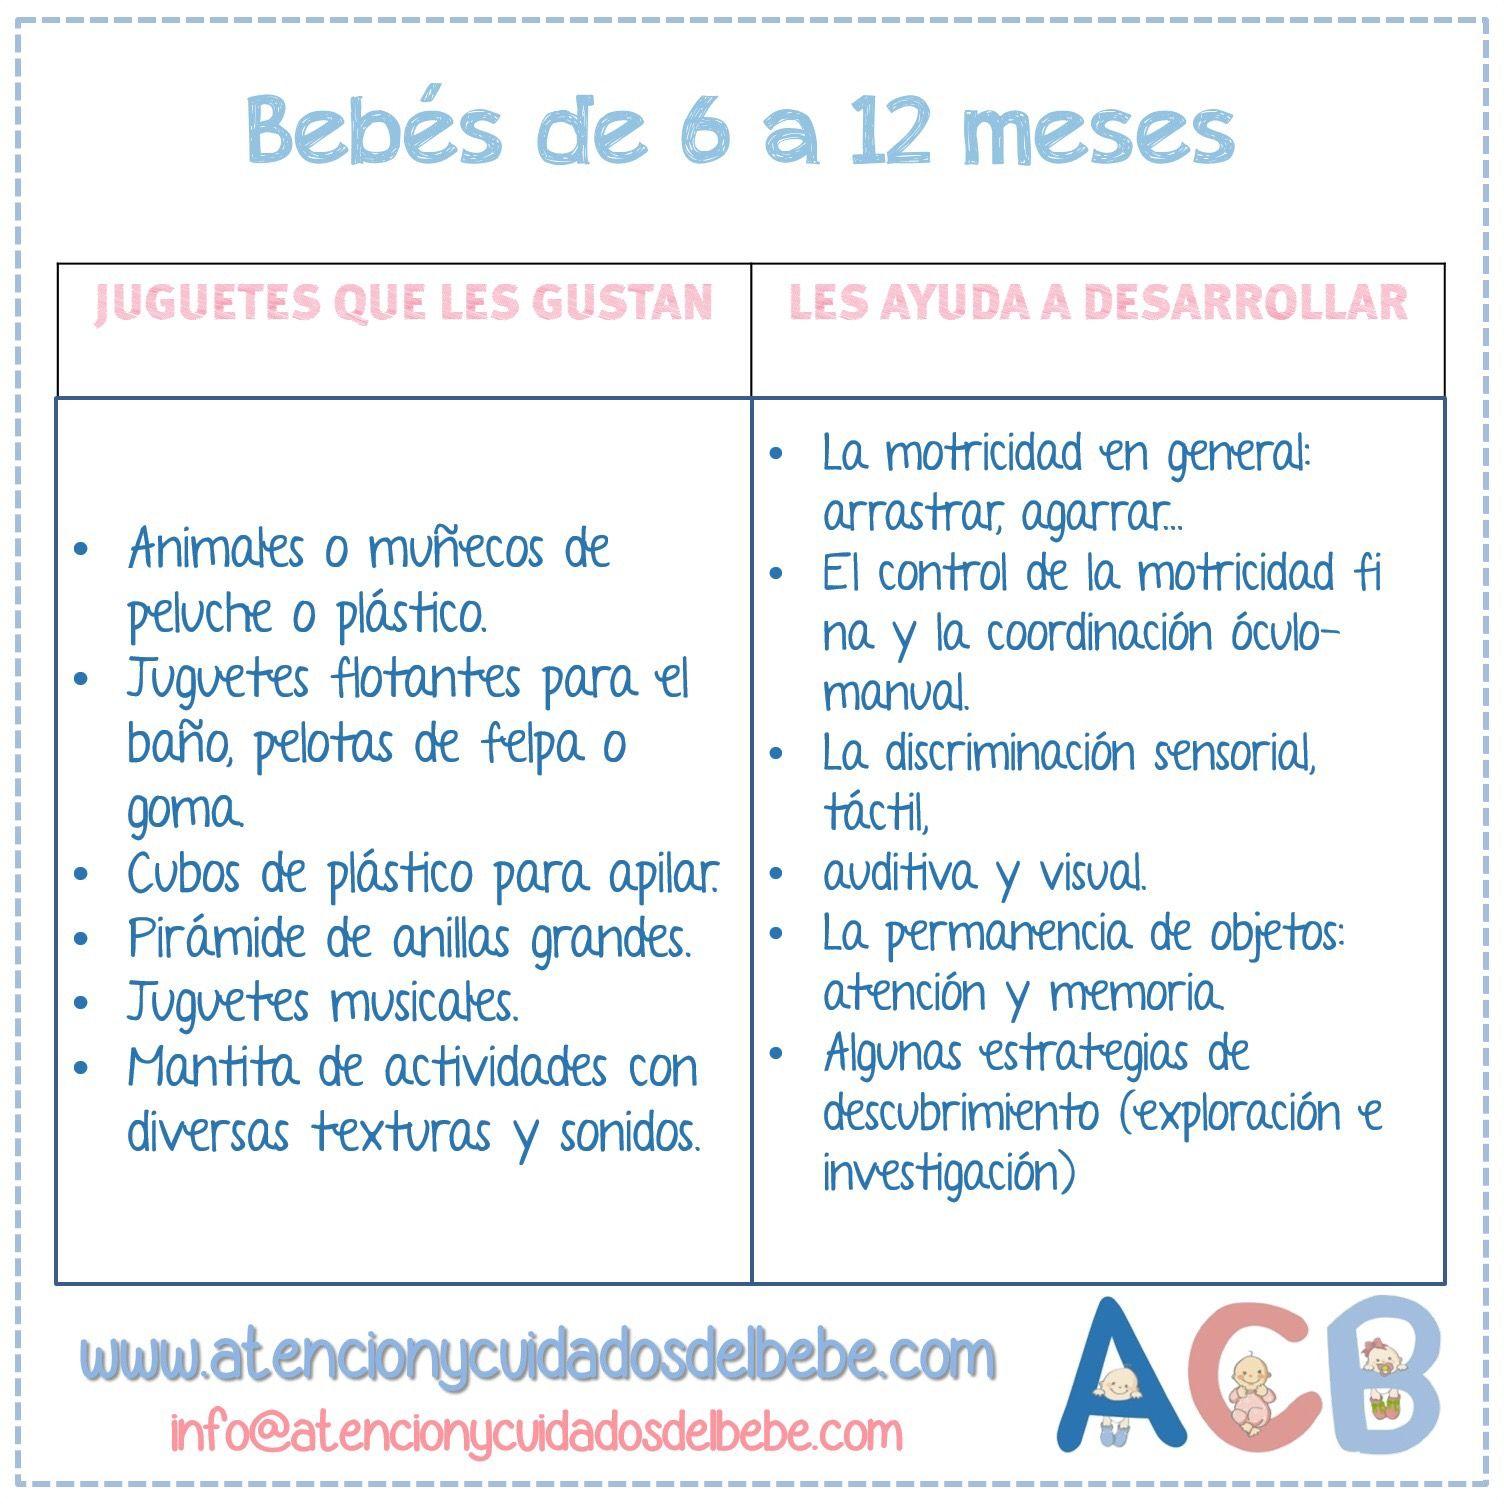 MesesFabrics And Y Juguetes De Bebes 6 A 12 Desarrollo Other wOPkXiuZT